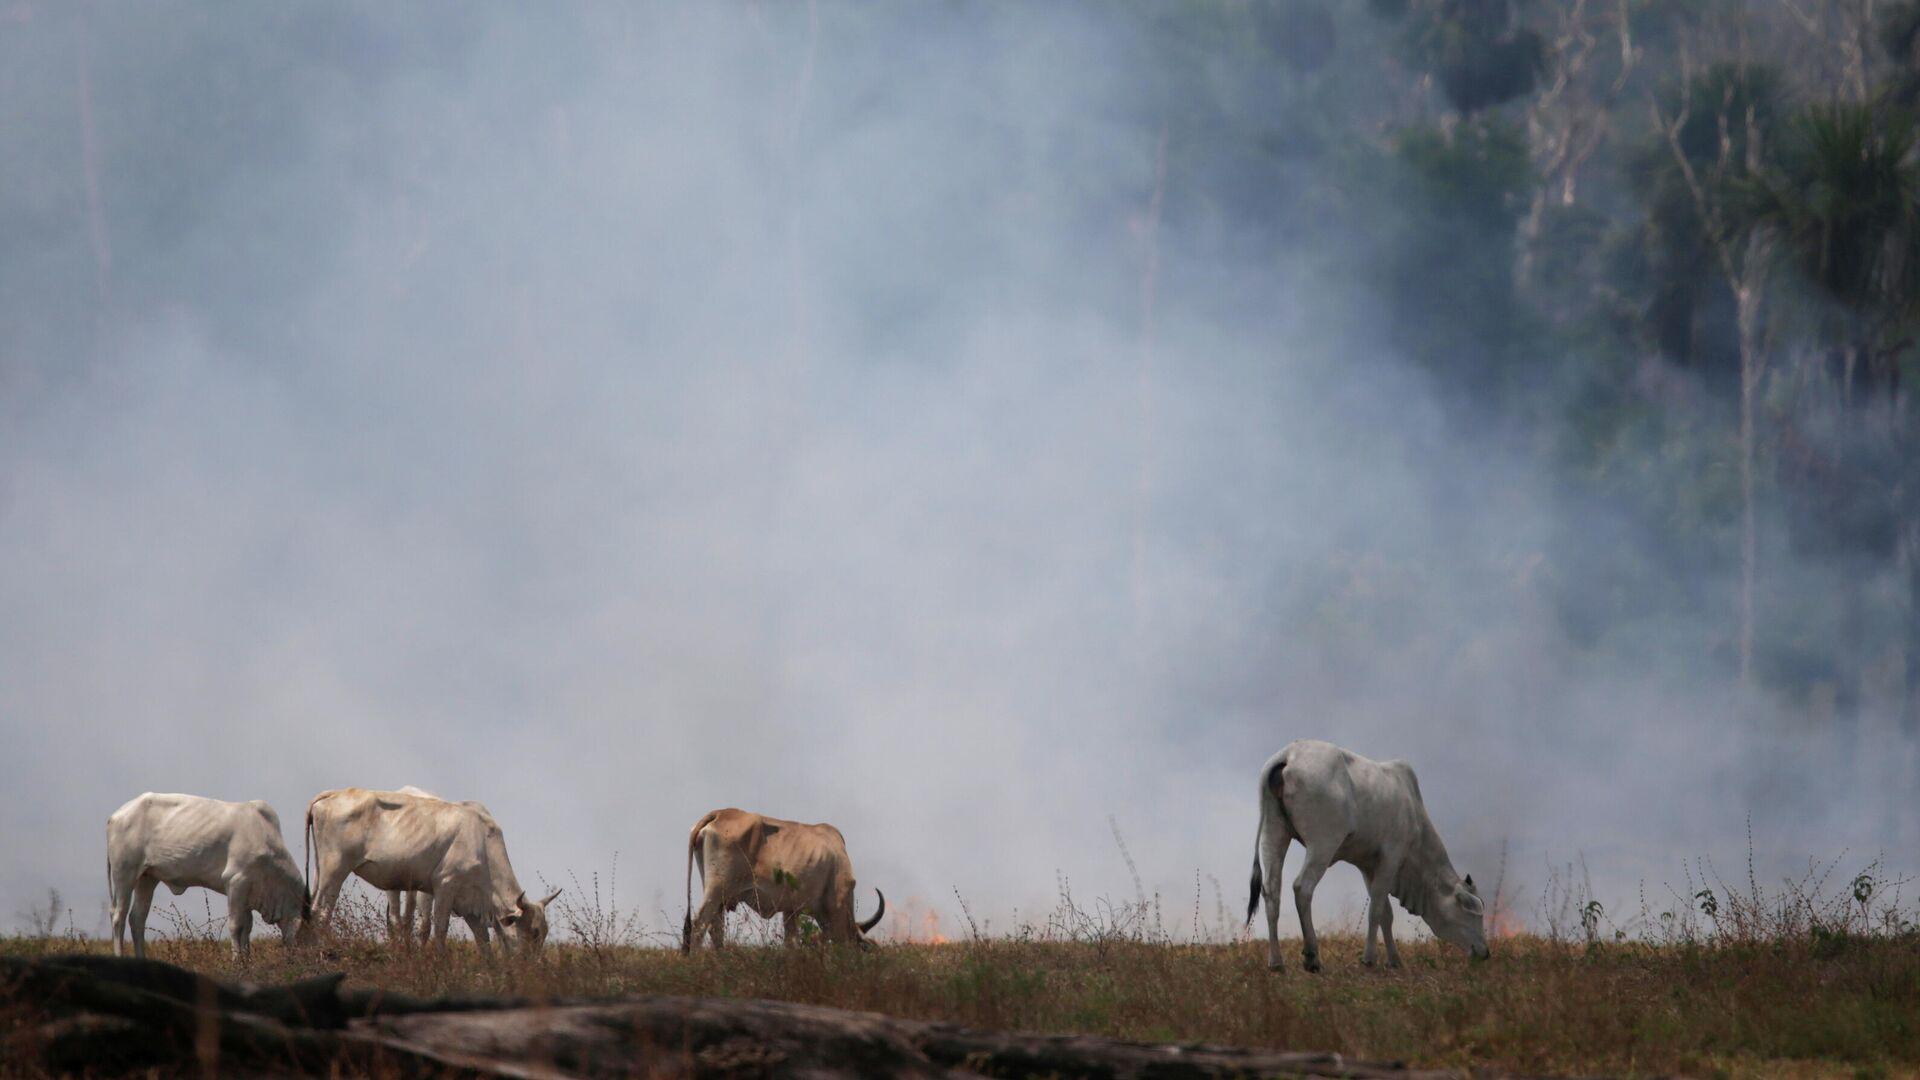 Incendio forestal en la Amazonía - Sputnik Mundo, 1920, 23.07.2021